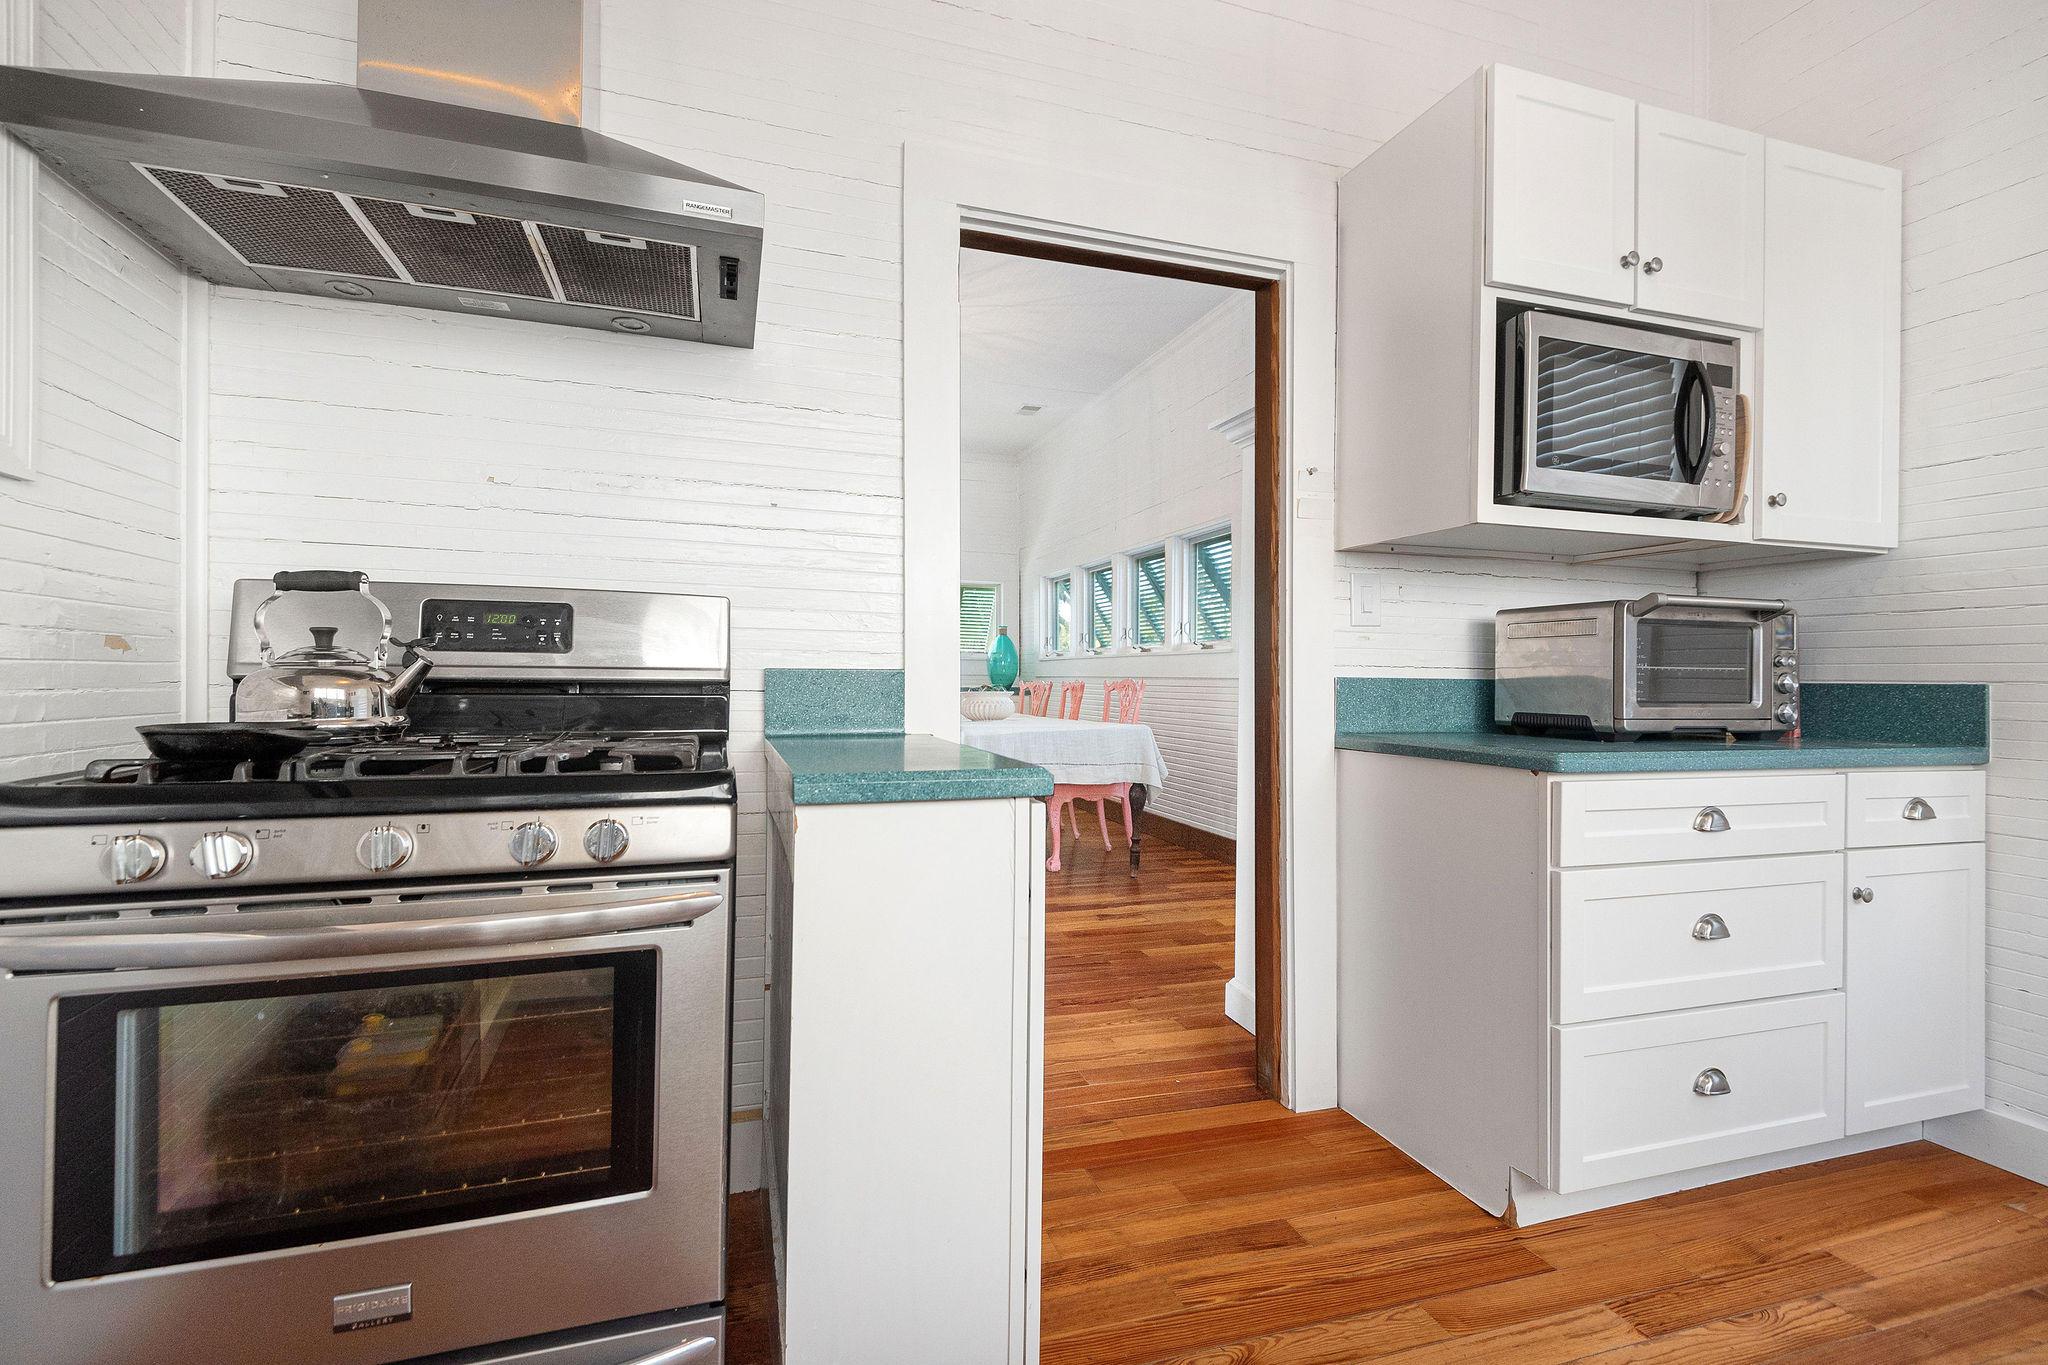 Folly Beach Homes For Sale - 509 Ashley, Folly Beach, SC - 22